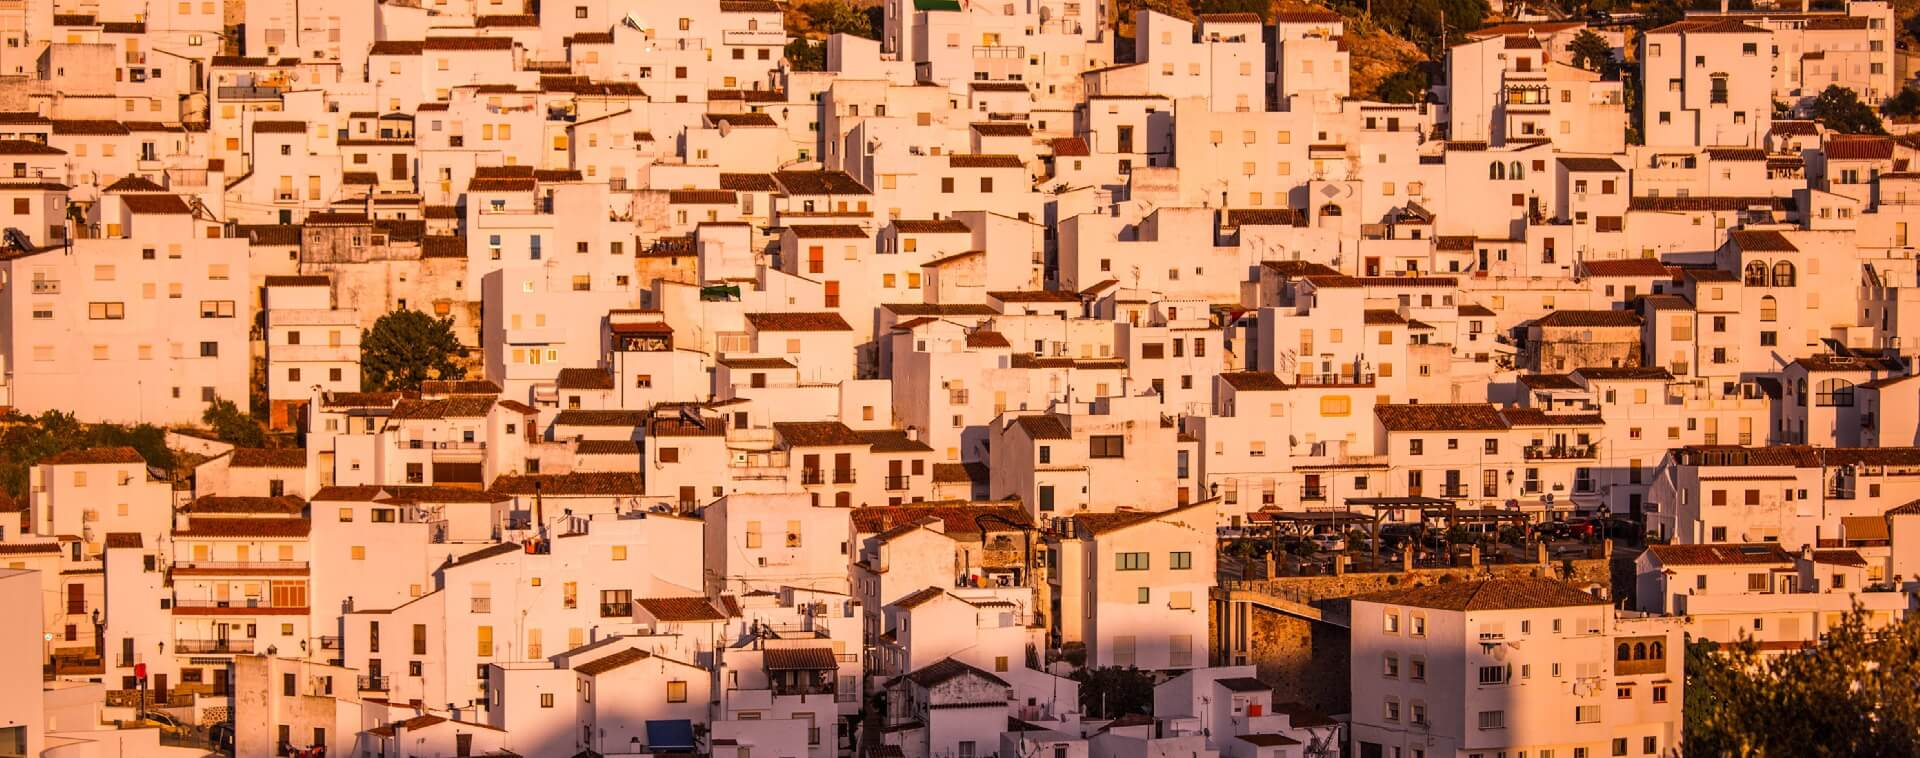 Fabriqué en Espagne